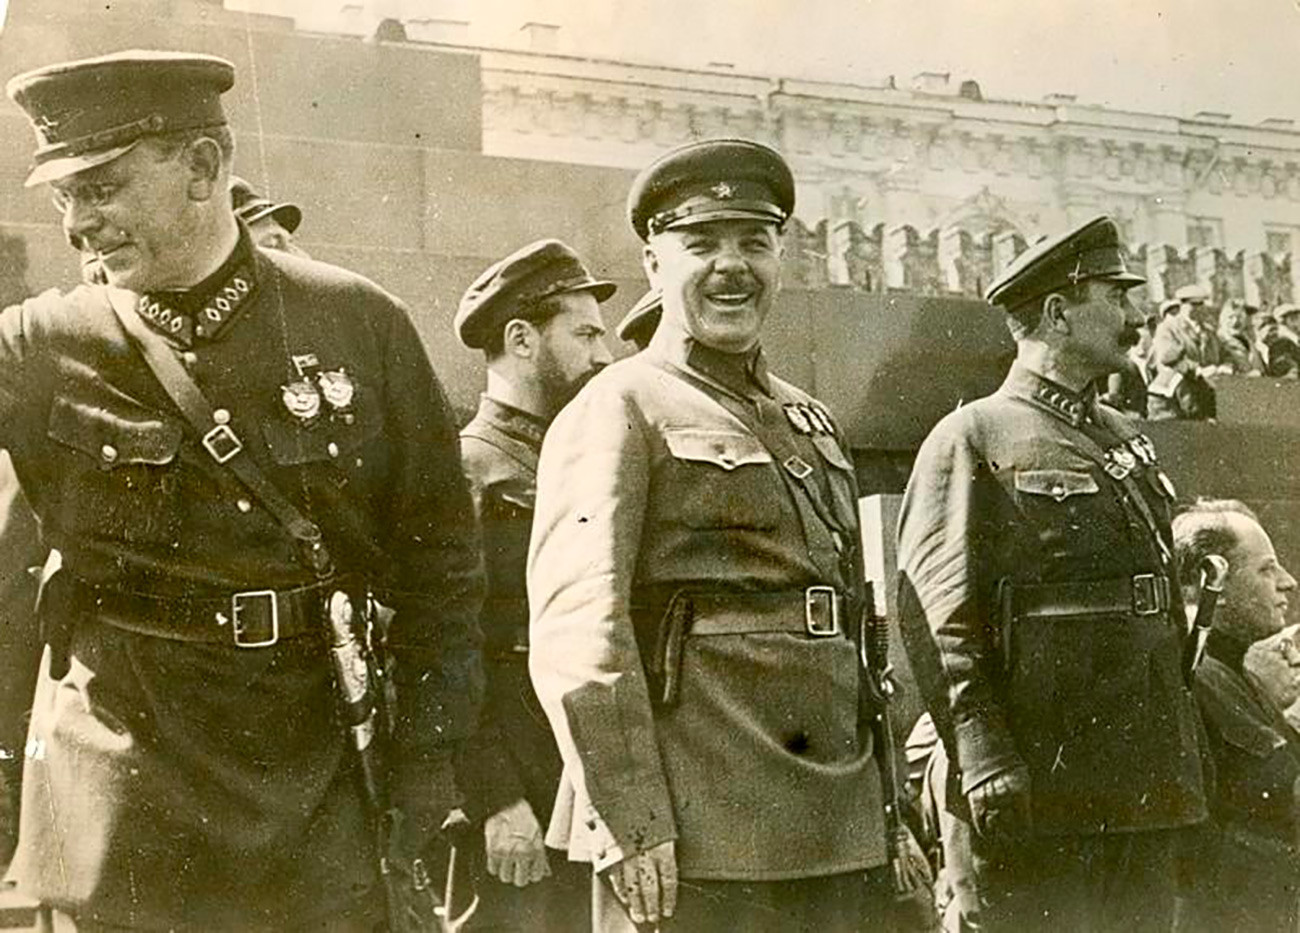 Командирите на Црвената армија Август Корк, Јан Гамарник, Климент Ворошилов, Семјон Будјони пред Мавзолејот на Ленин.